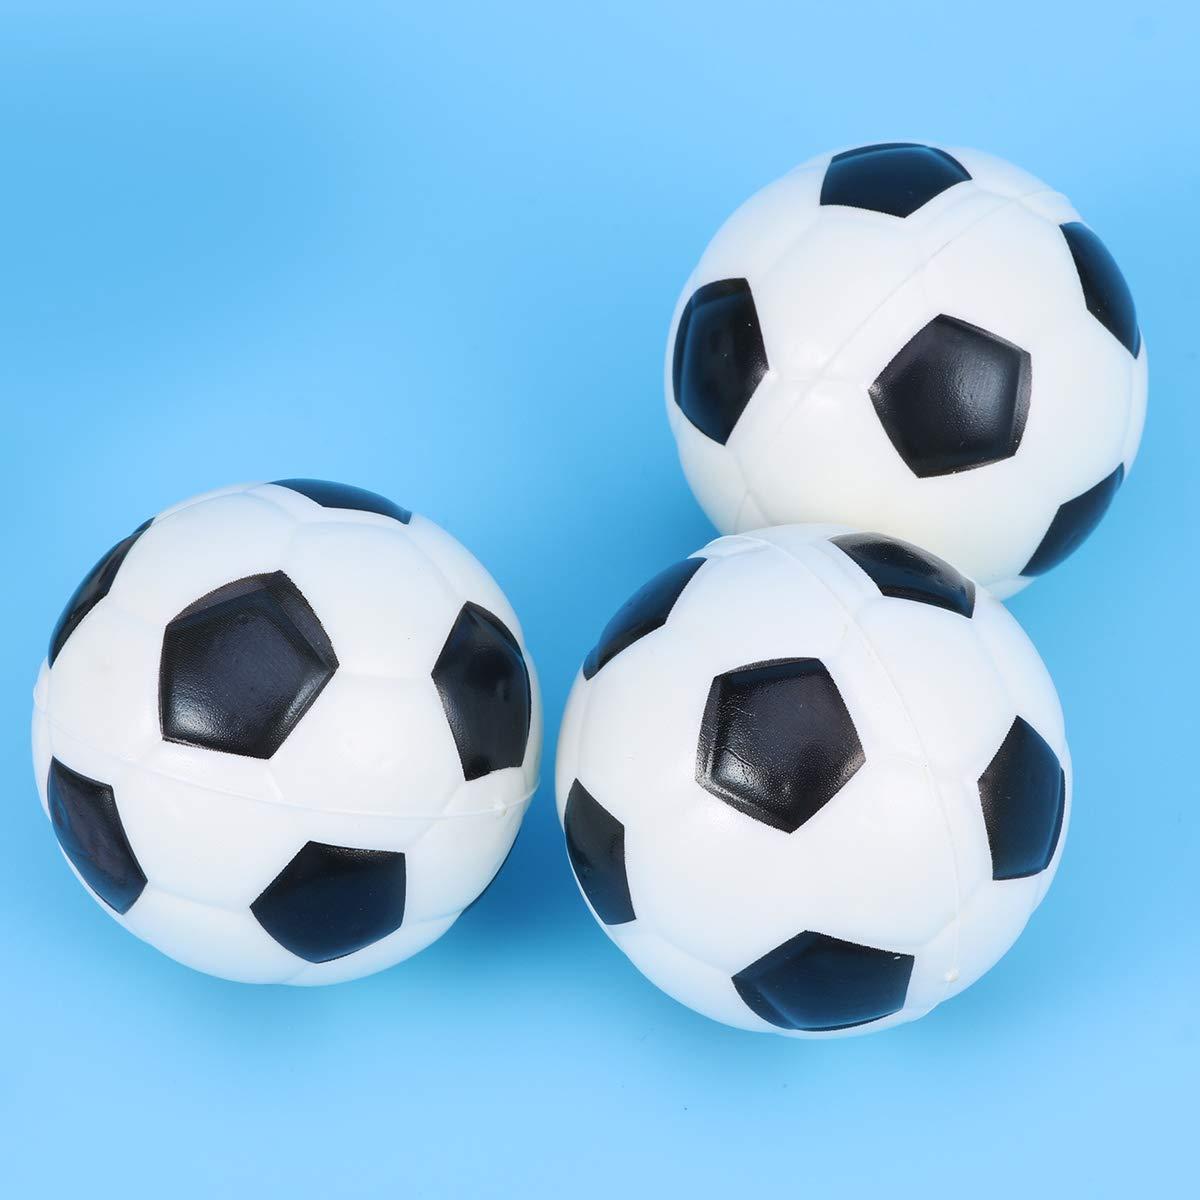 Amosfun 8pcs PU Ballon de Football Mini Soft Sport Sport balles th/ème Jeu de f/ête balles Jouets pour Enfants en Bas /âge